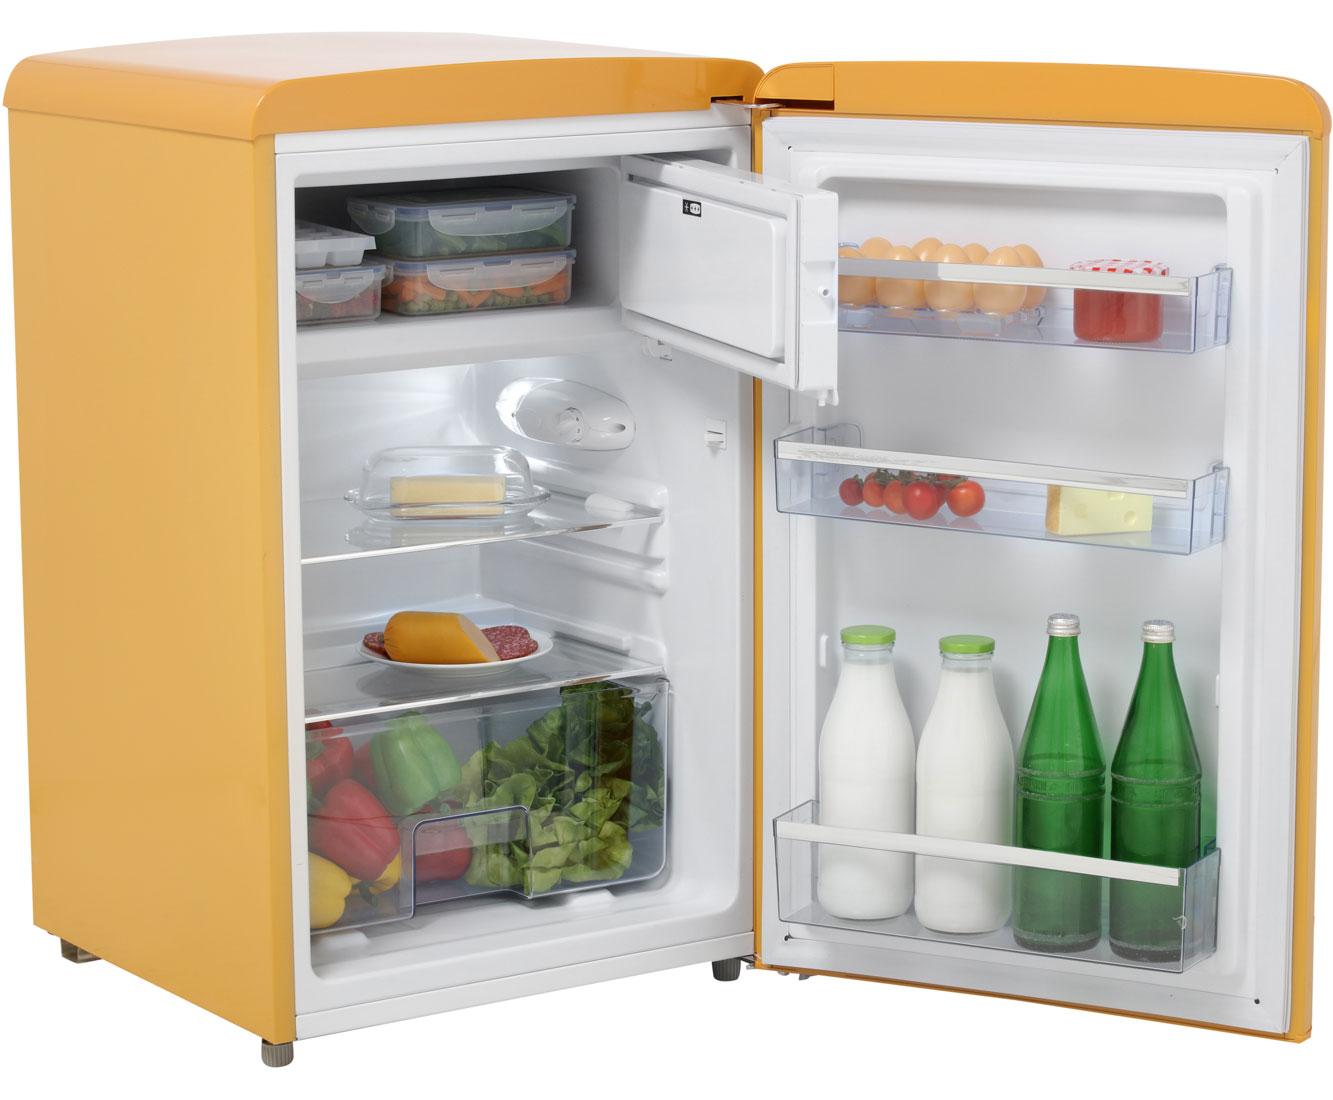 Amica Retro Design Kühlschrank : Amica retro design ks r kühlschrank mit gefrierfach rot